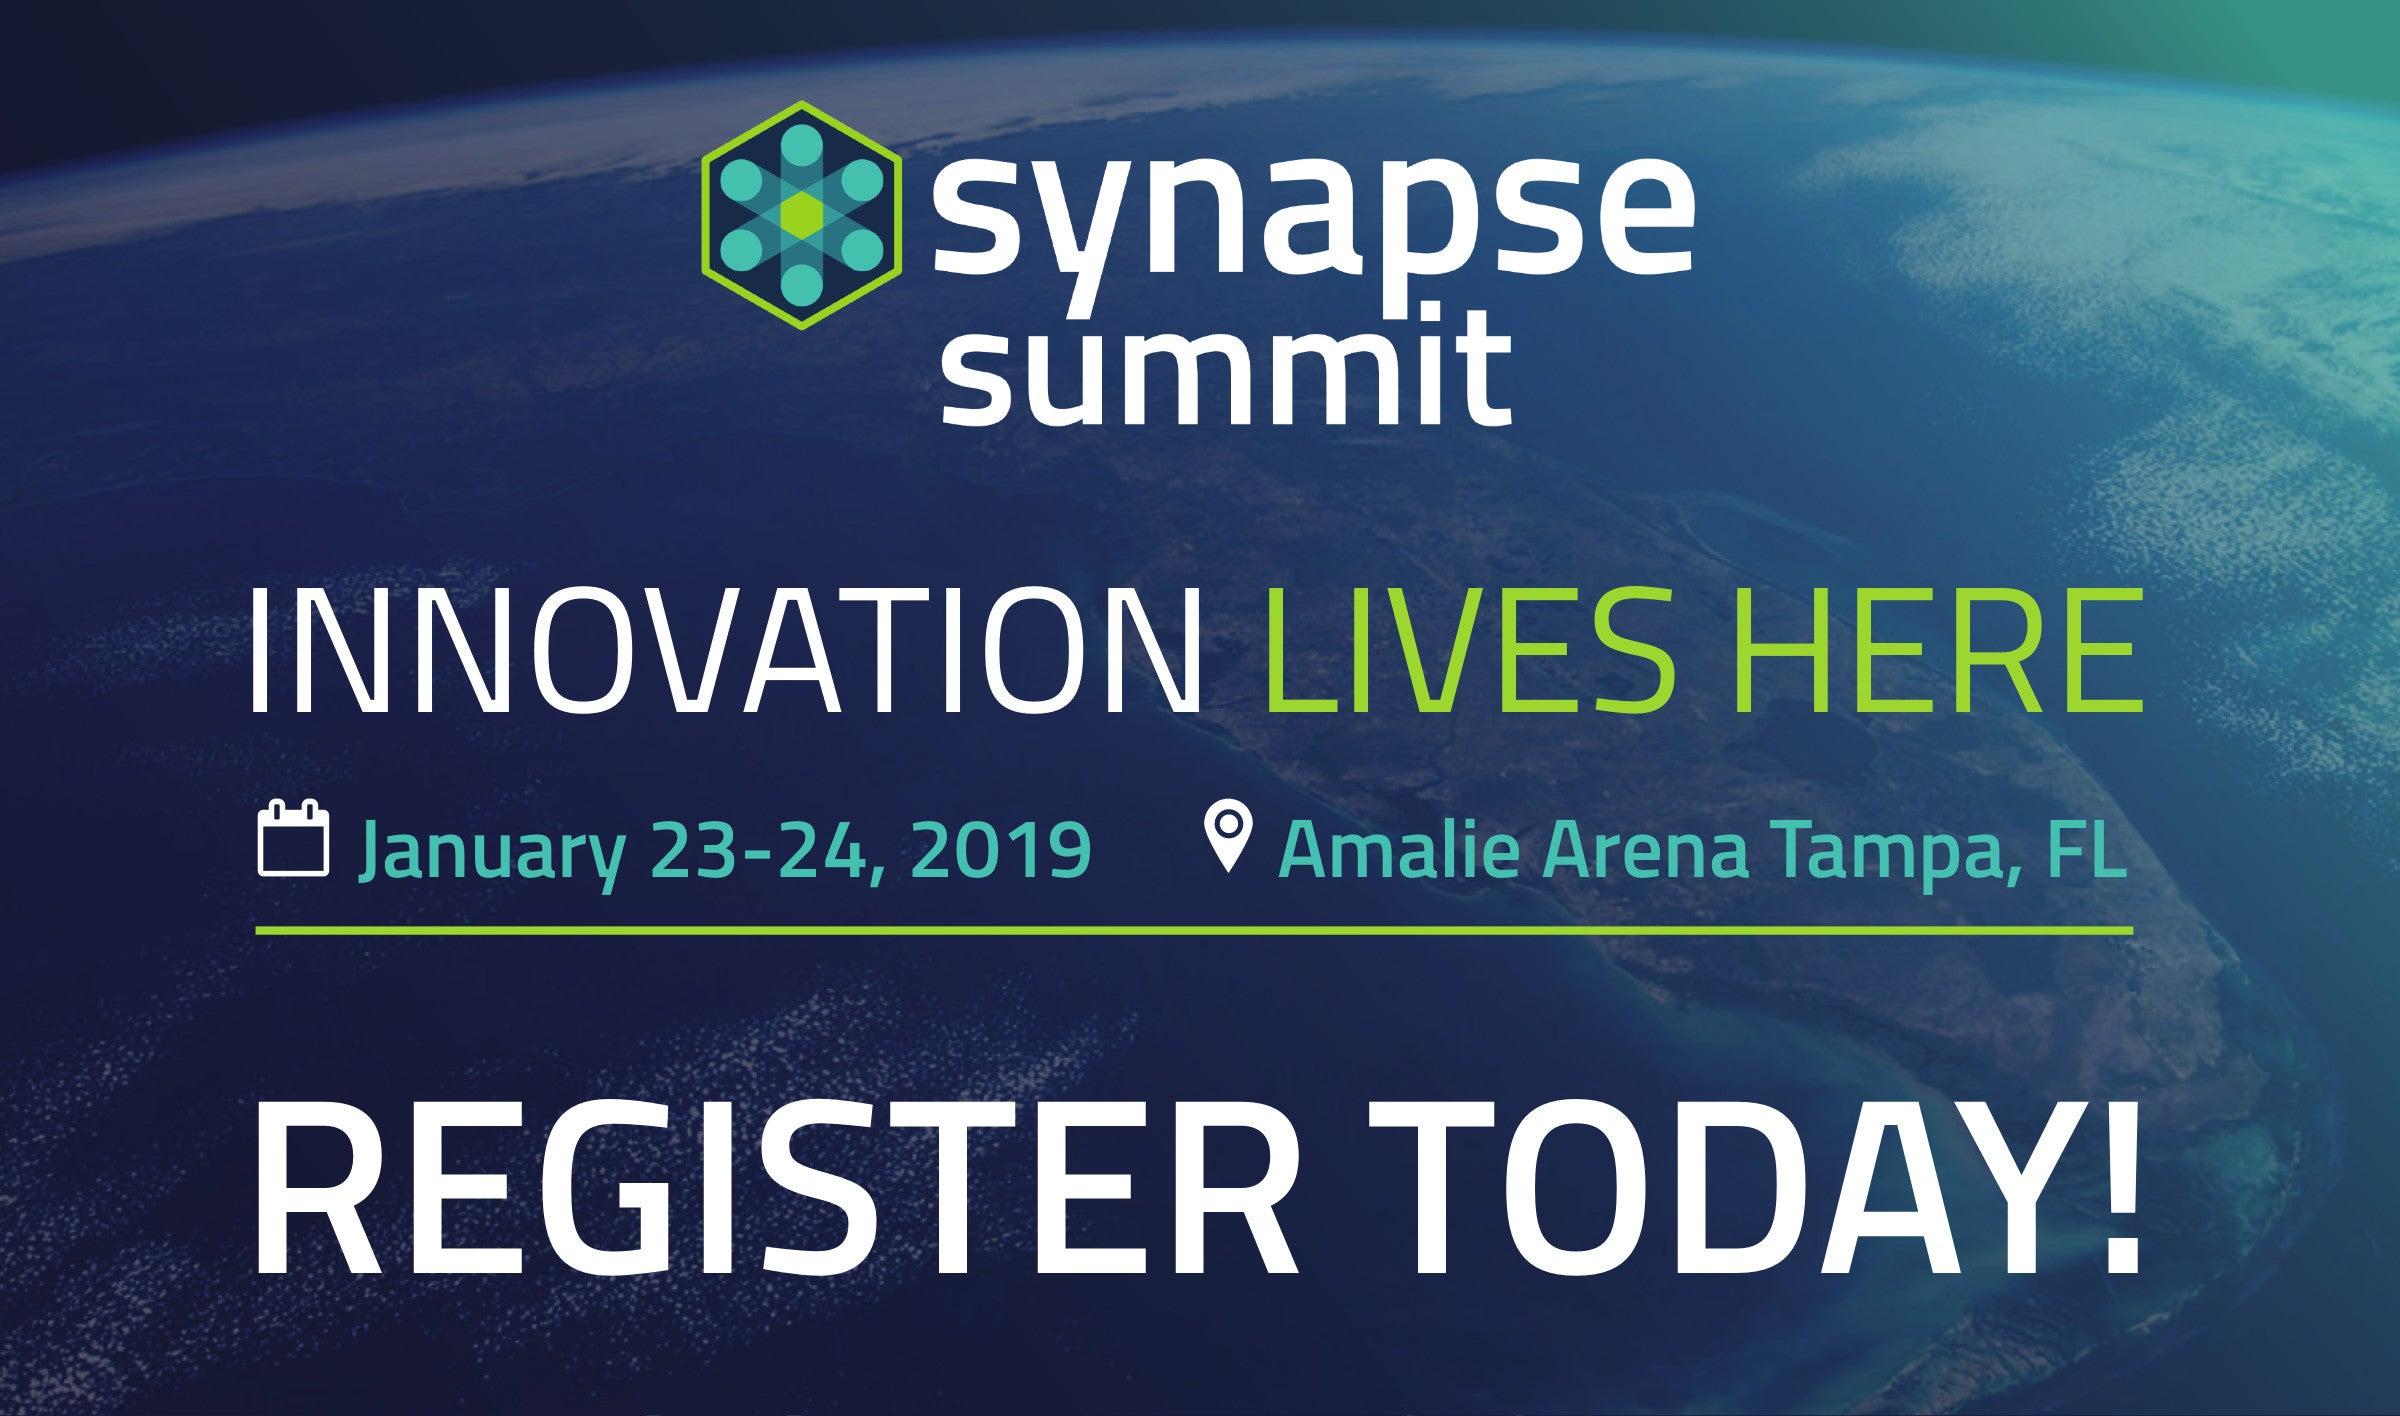 Synapse Summit 2019